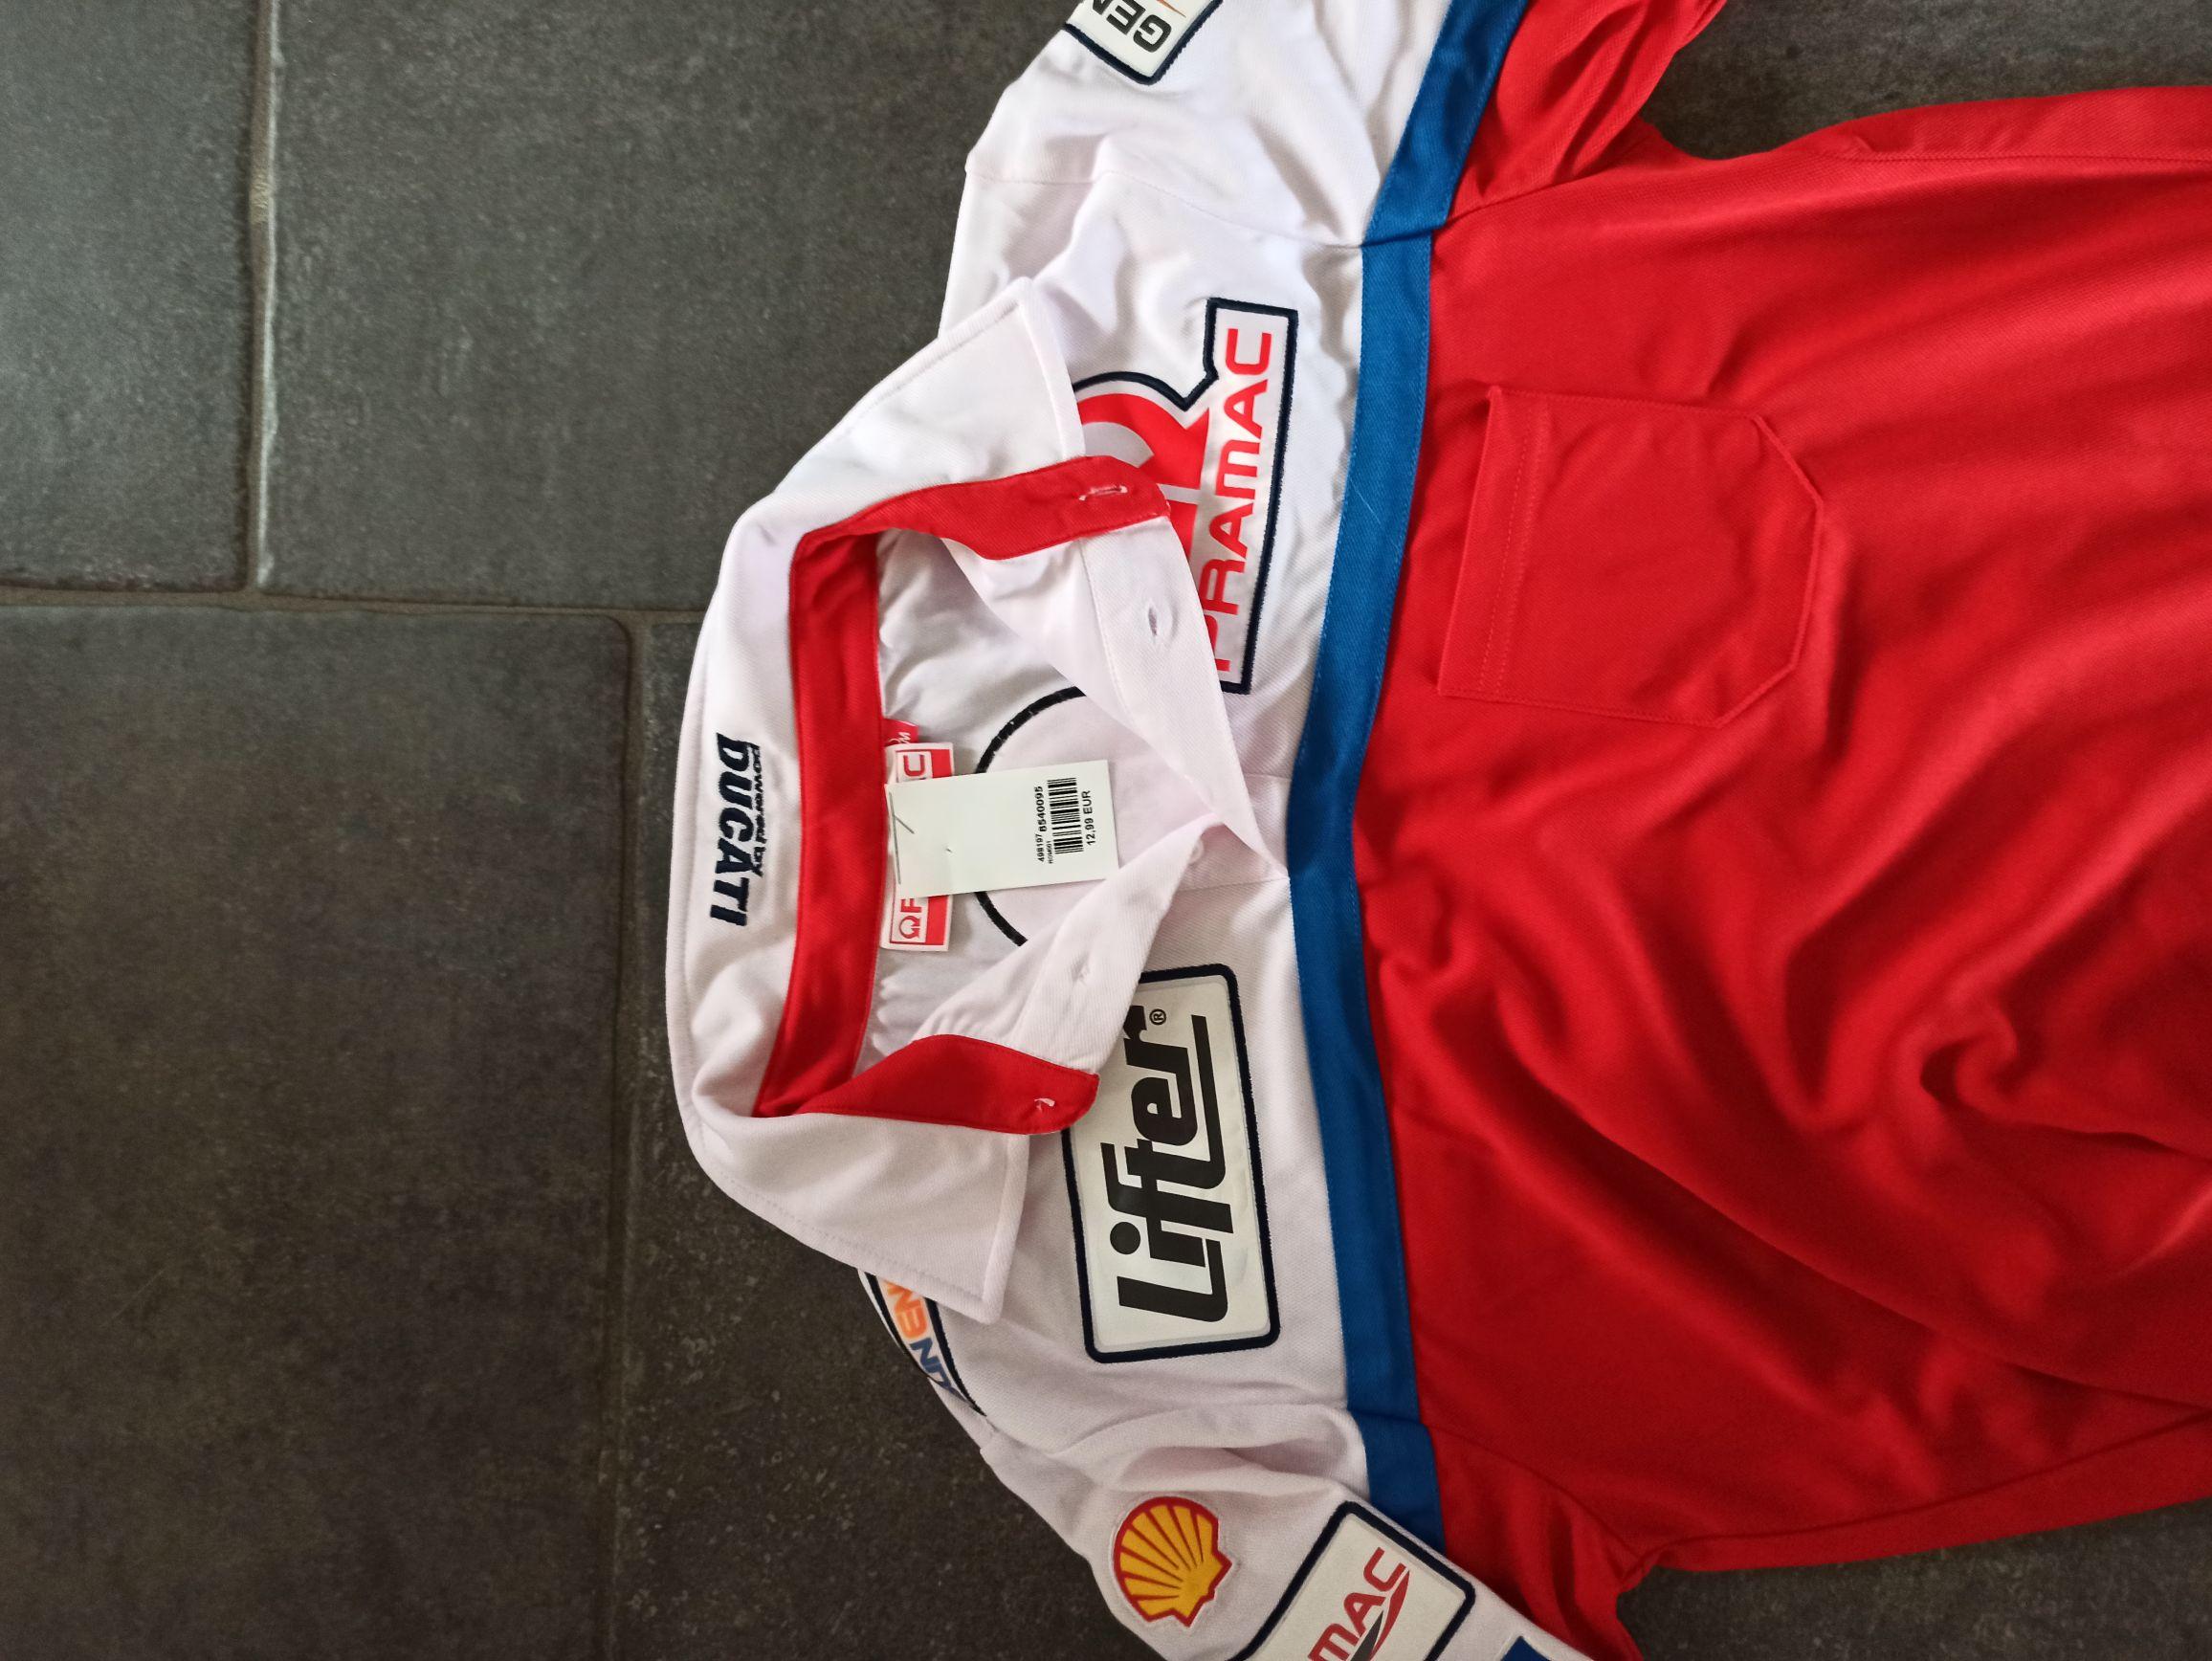 Sélection de Vêtements Moto GP en promotion - Ex : Polo Equipe Pramac - Plaisance-du-Touch / Portet-sur-Garonne (31)